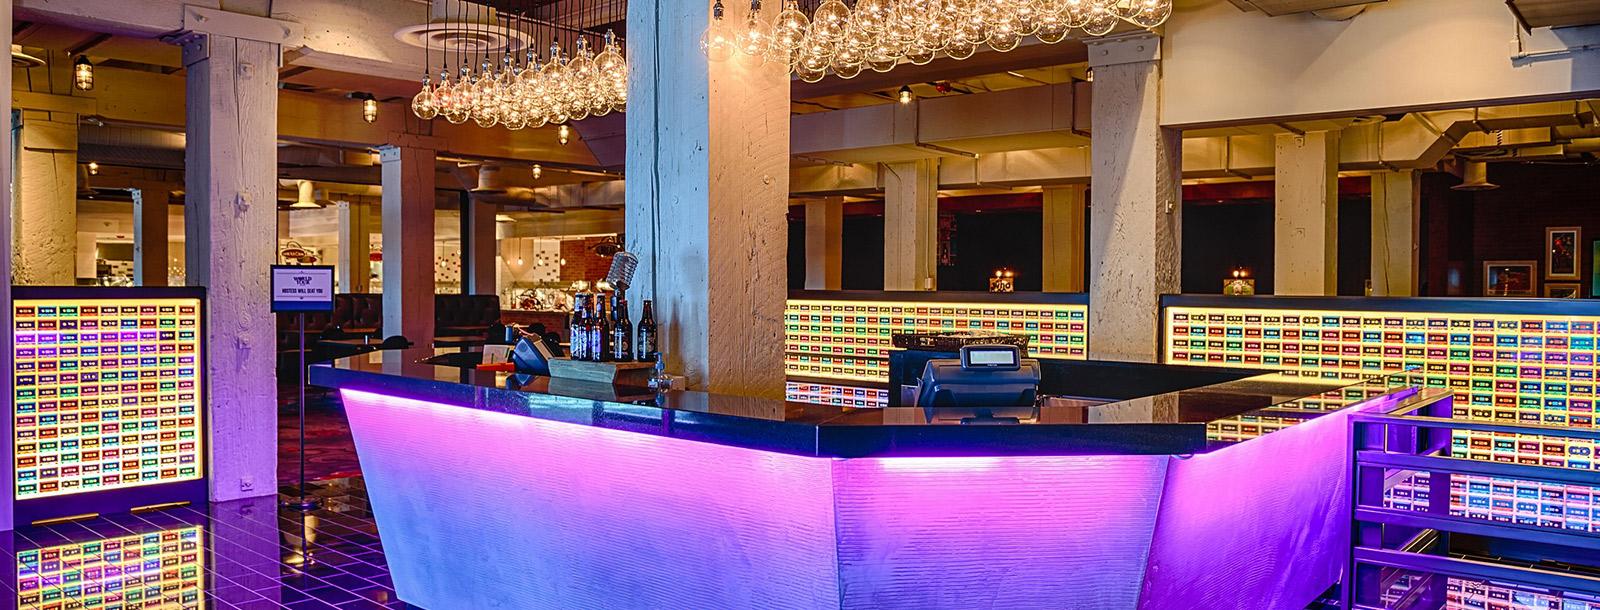 world tour buffet restaurants in sioux city